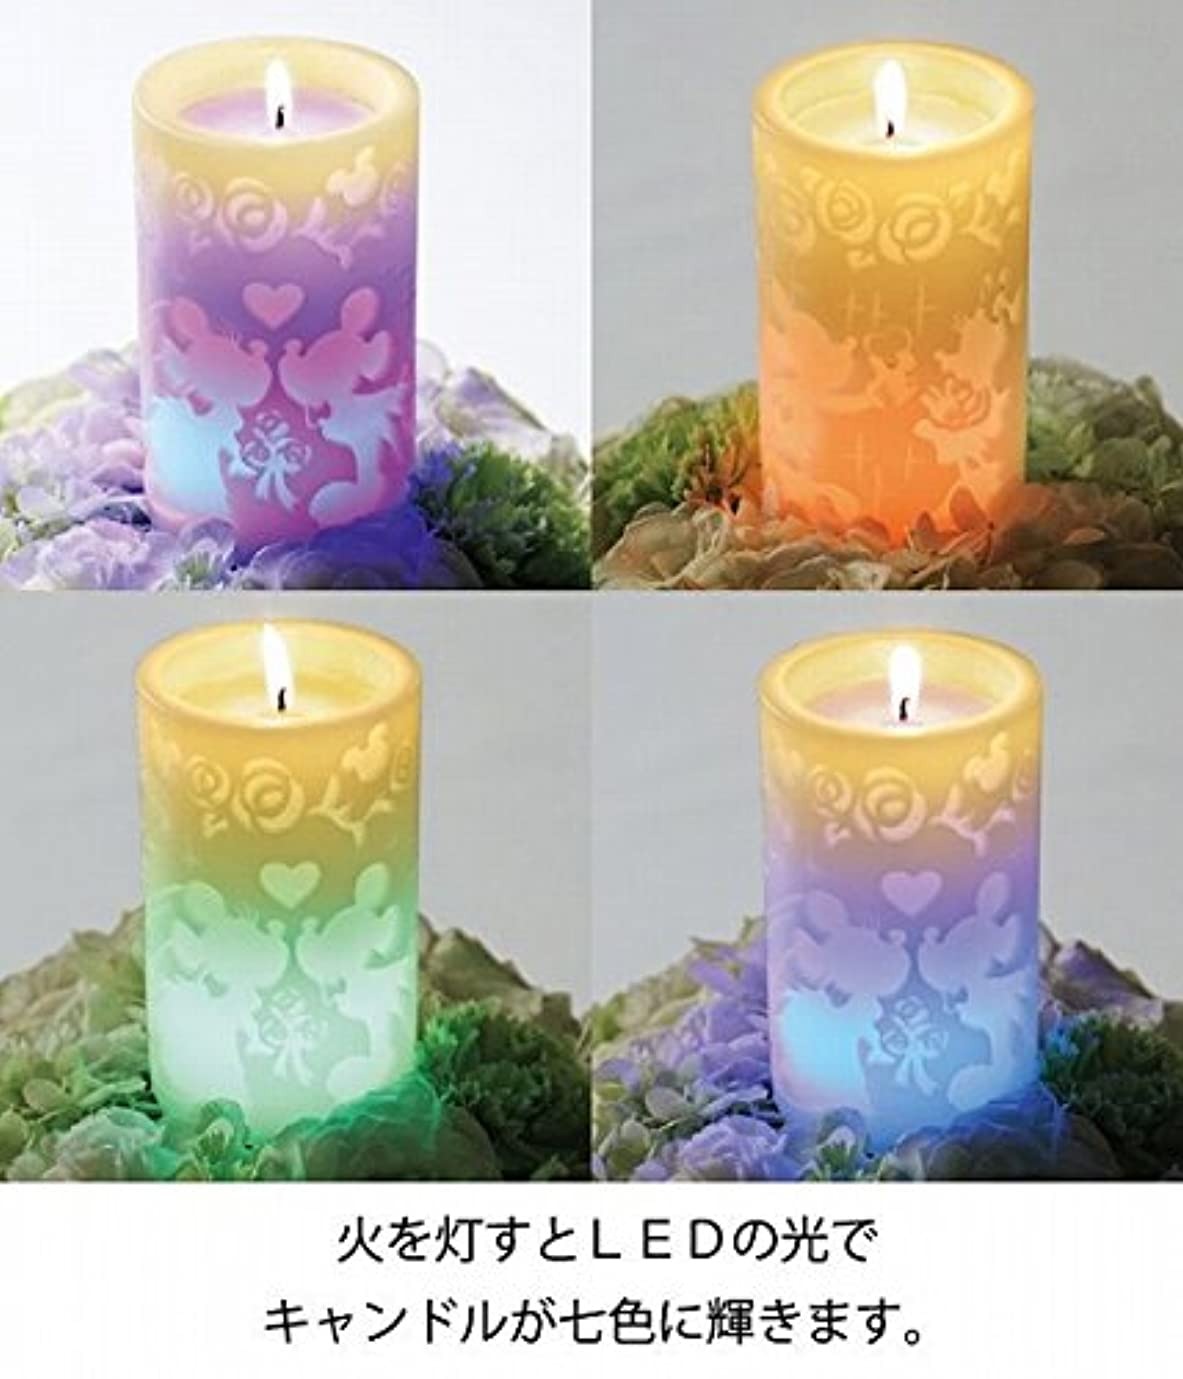 拍車作者アルネカメヤマキャンドル( kameyama candle ) ミッキー&ミニーLEDピラー